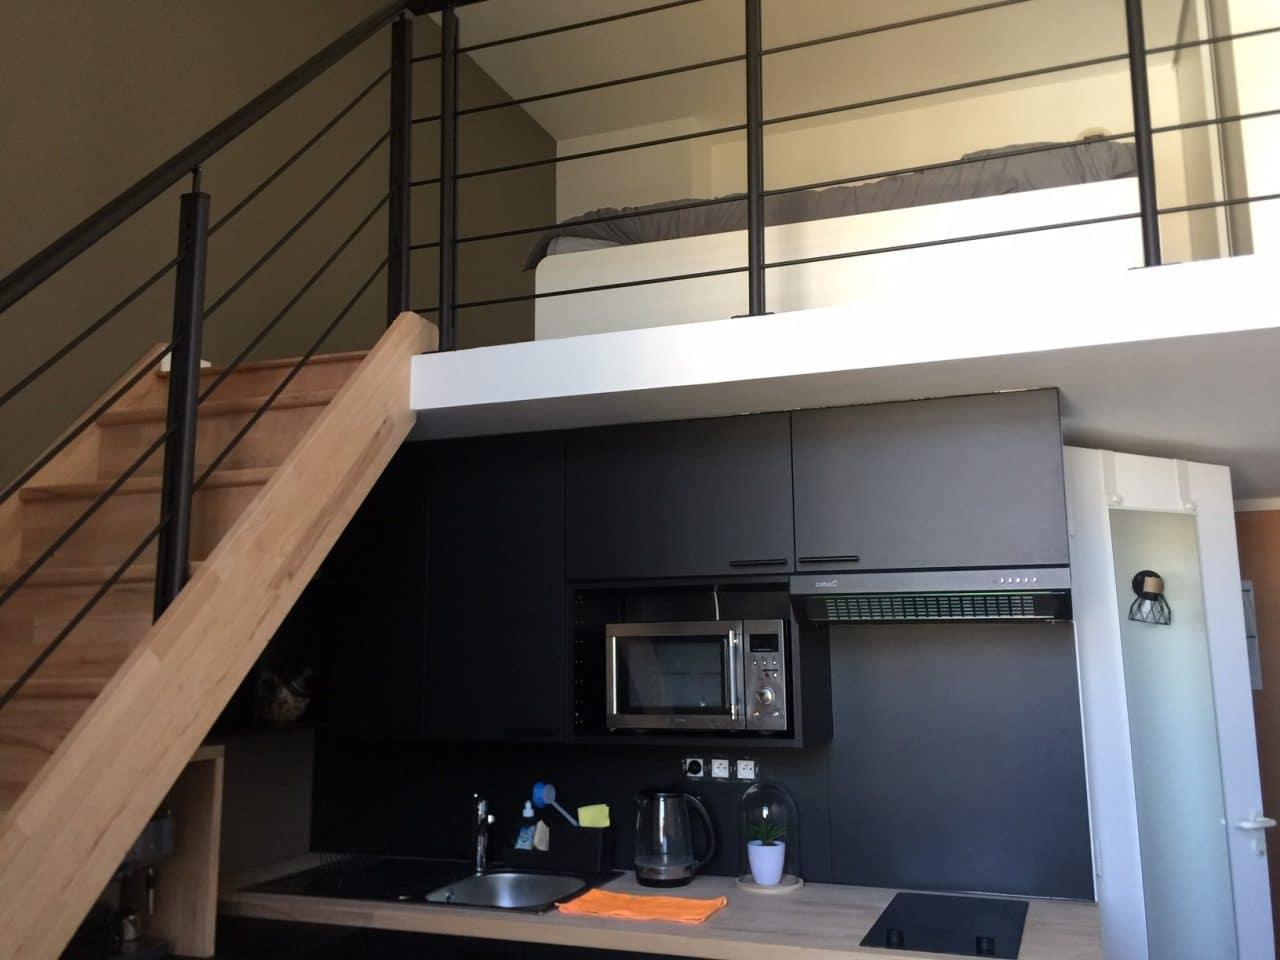 rénovation studio cuisine ouverte évier plaque de cuisson placard escalier bois mezzanine Le Croisic